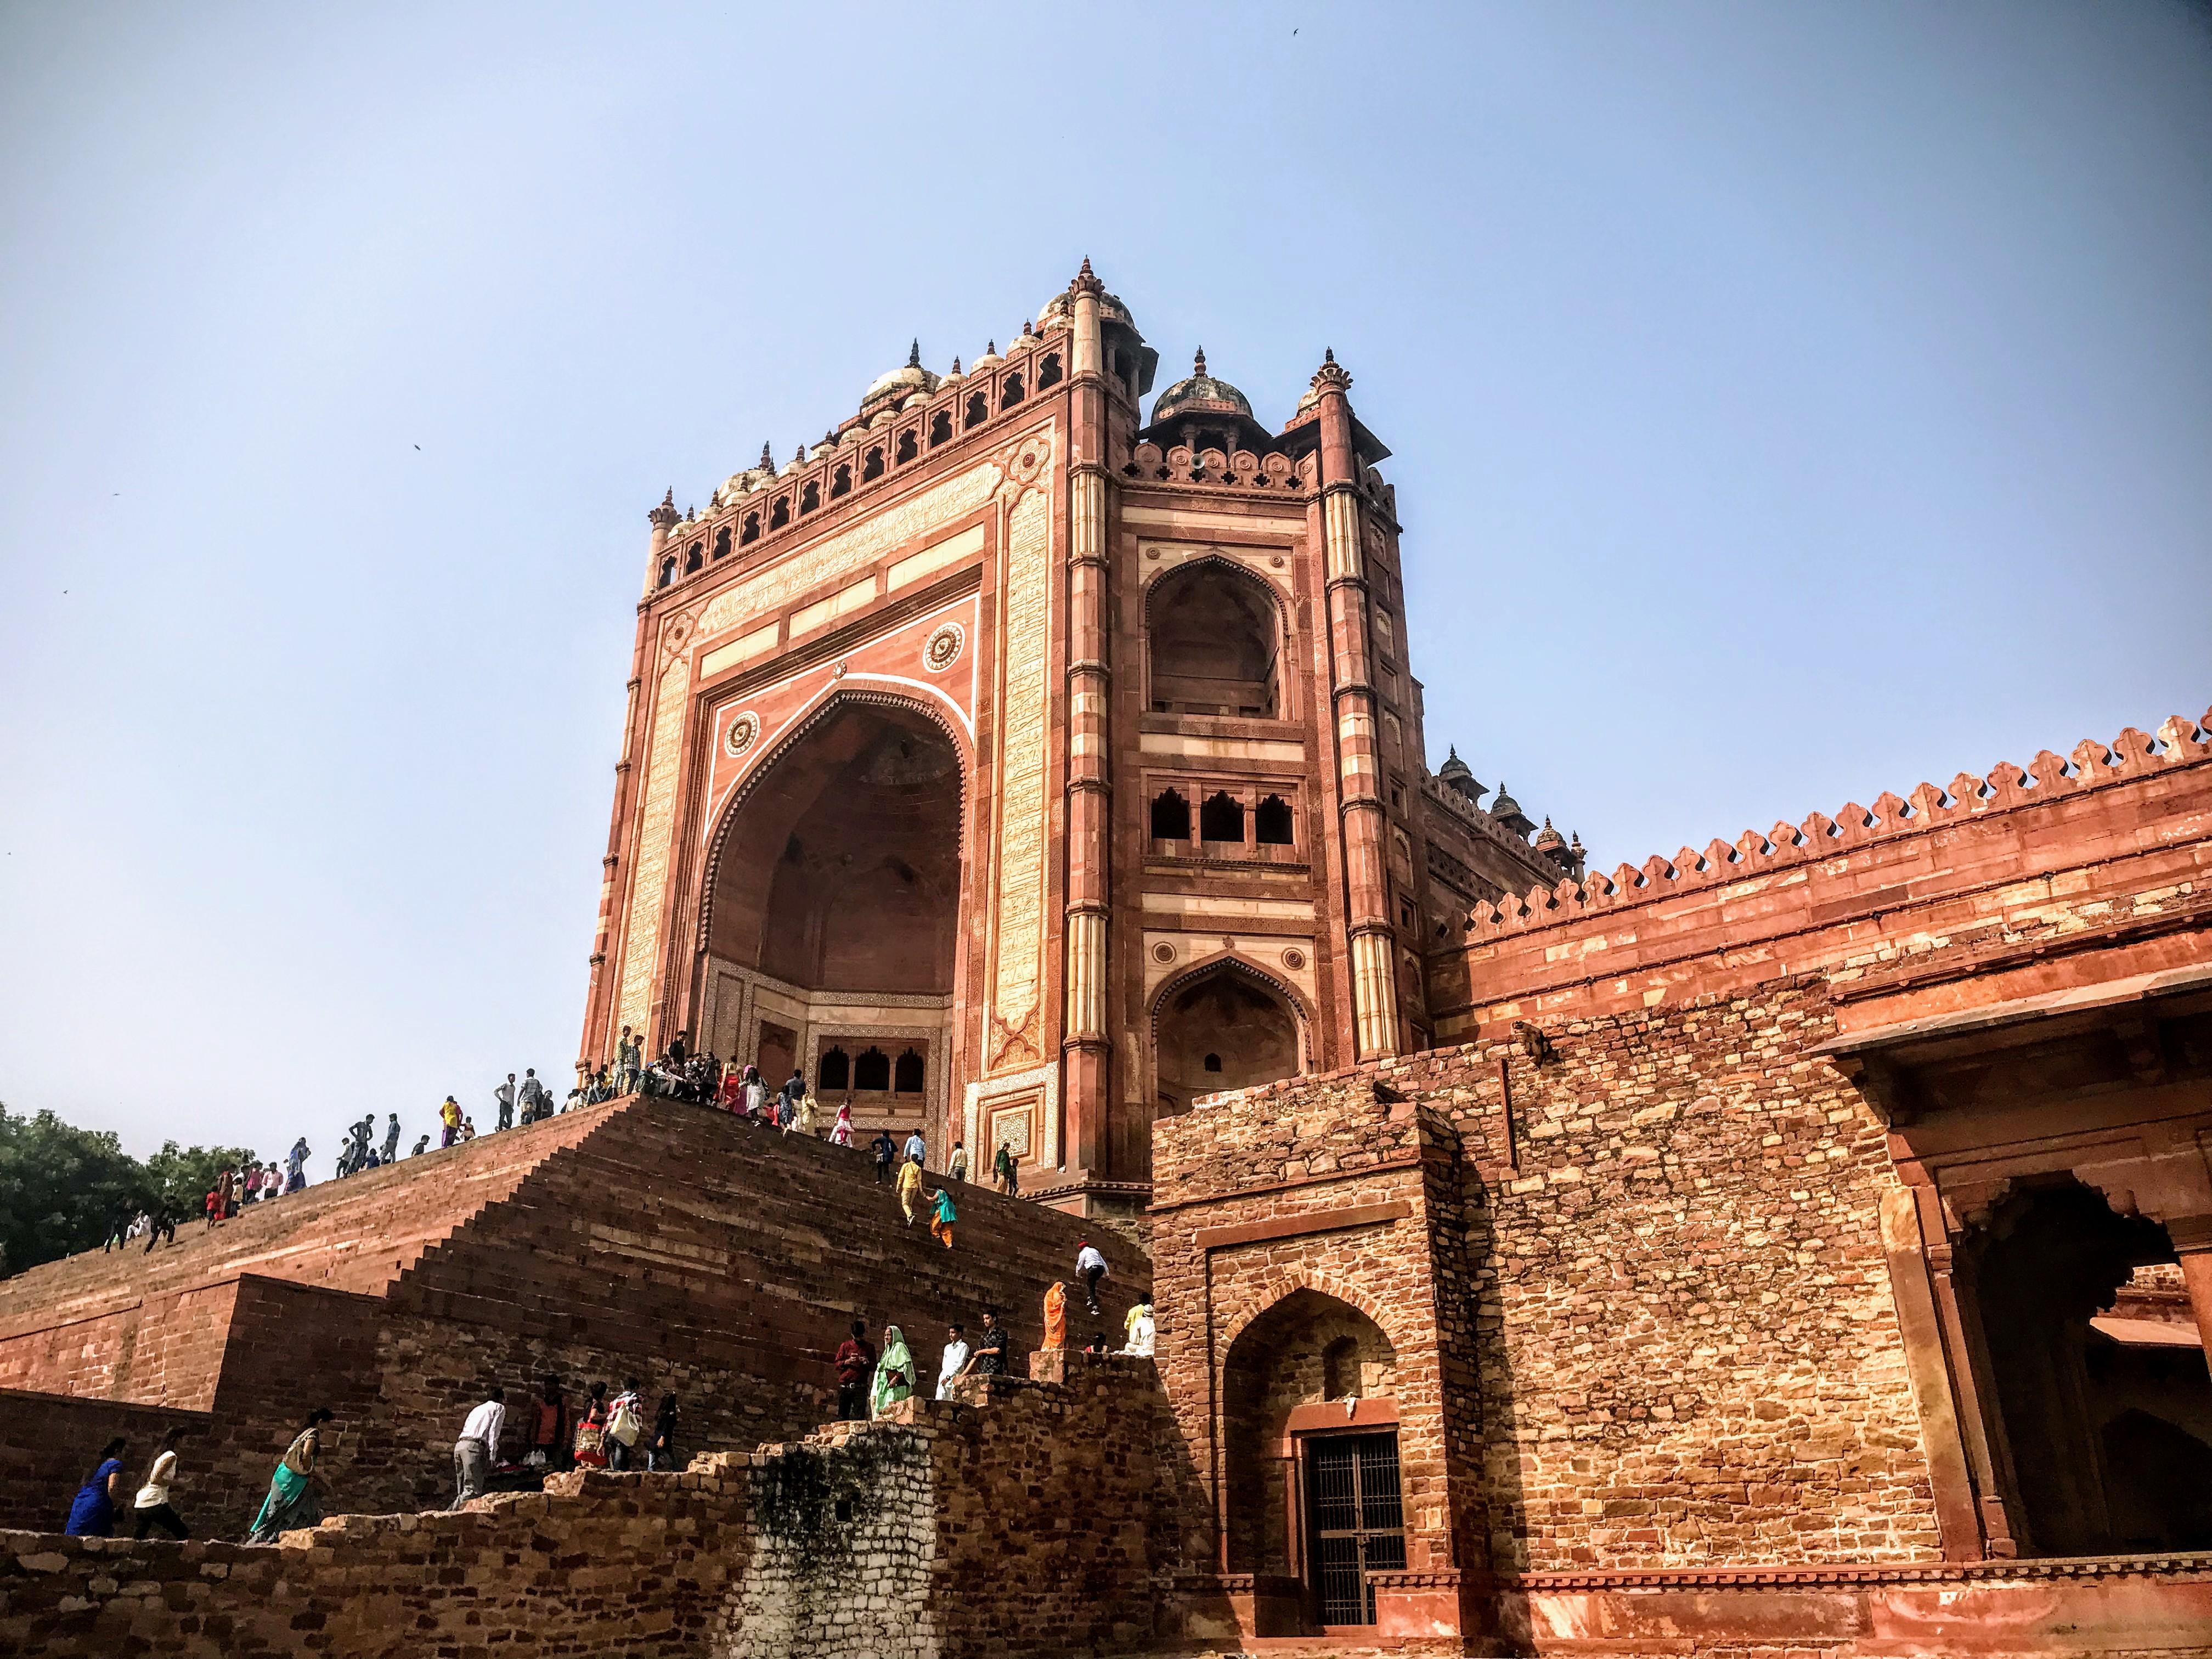 Buland Darwaza, Jama Masjid, Fatehpur Sikri, North India